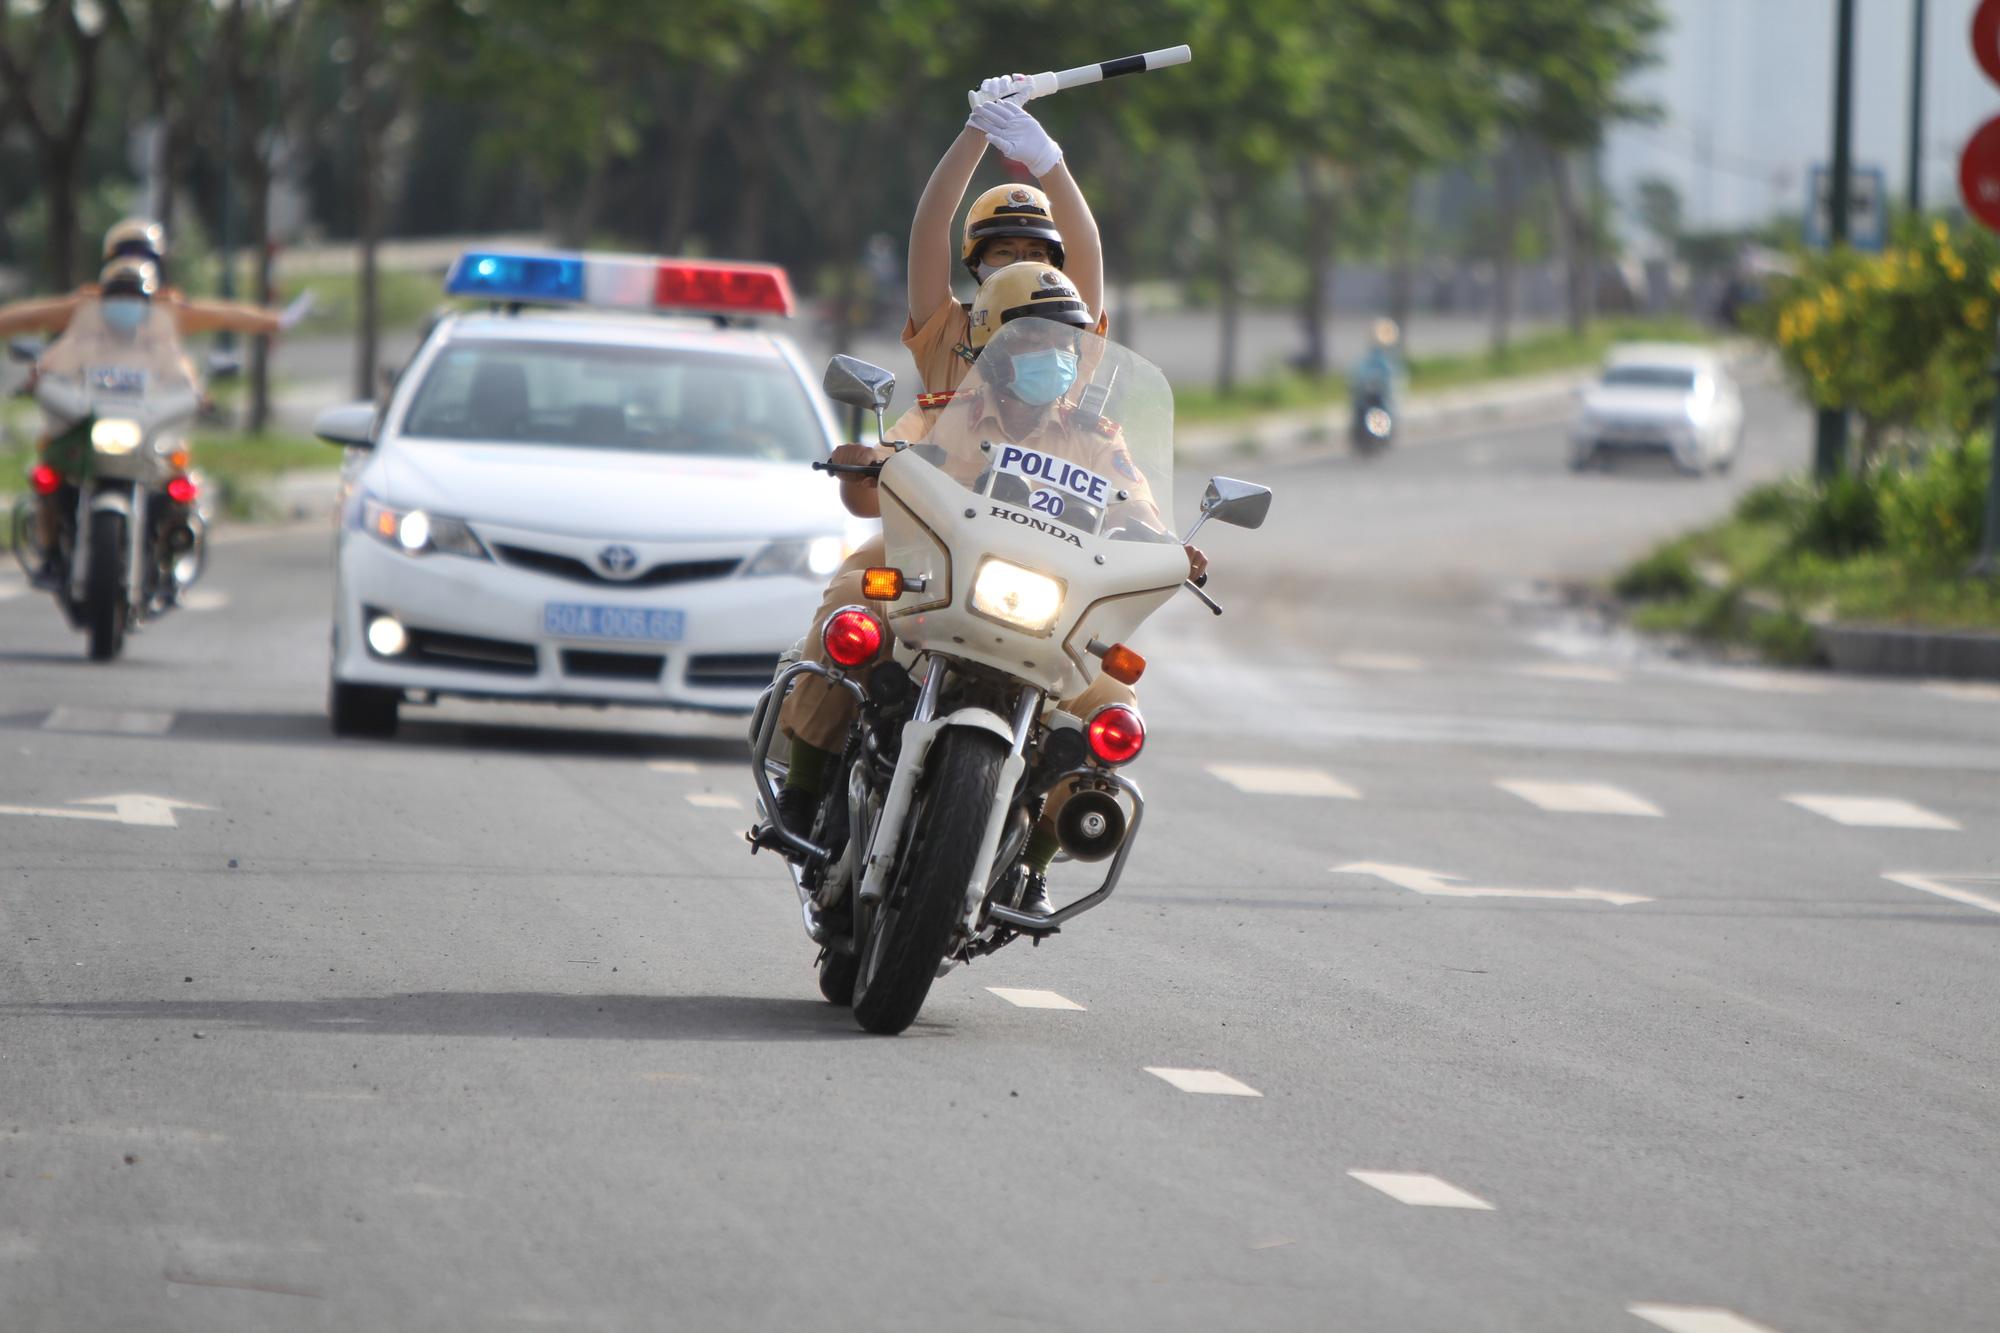 [eMagazine] Ngỡ ngàng với kỹ năng điều khiển mô tô của đội nữ CSGT dẫn đoàn đầu tiên - Ảnh 2.